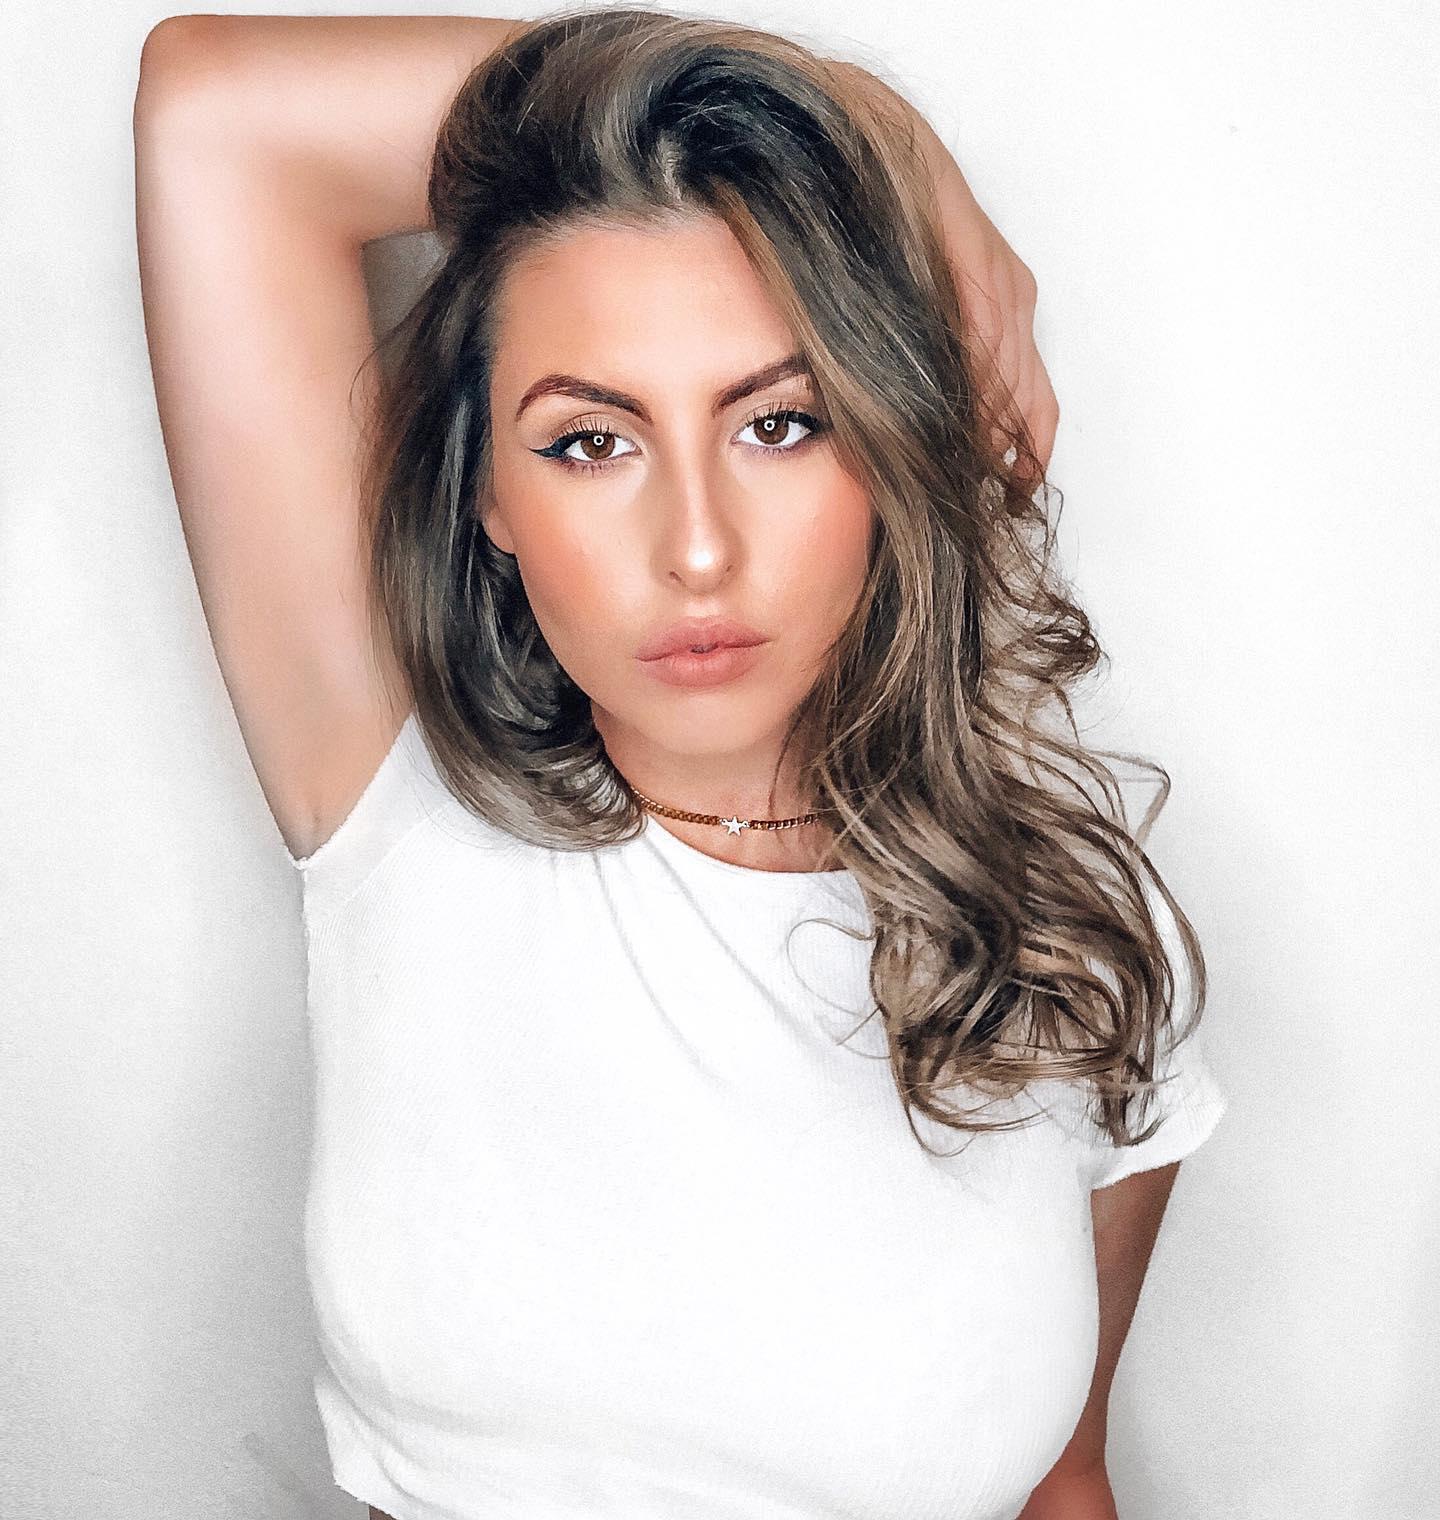 Cassandra Kay